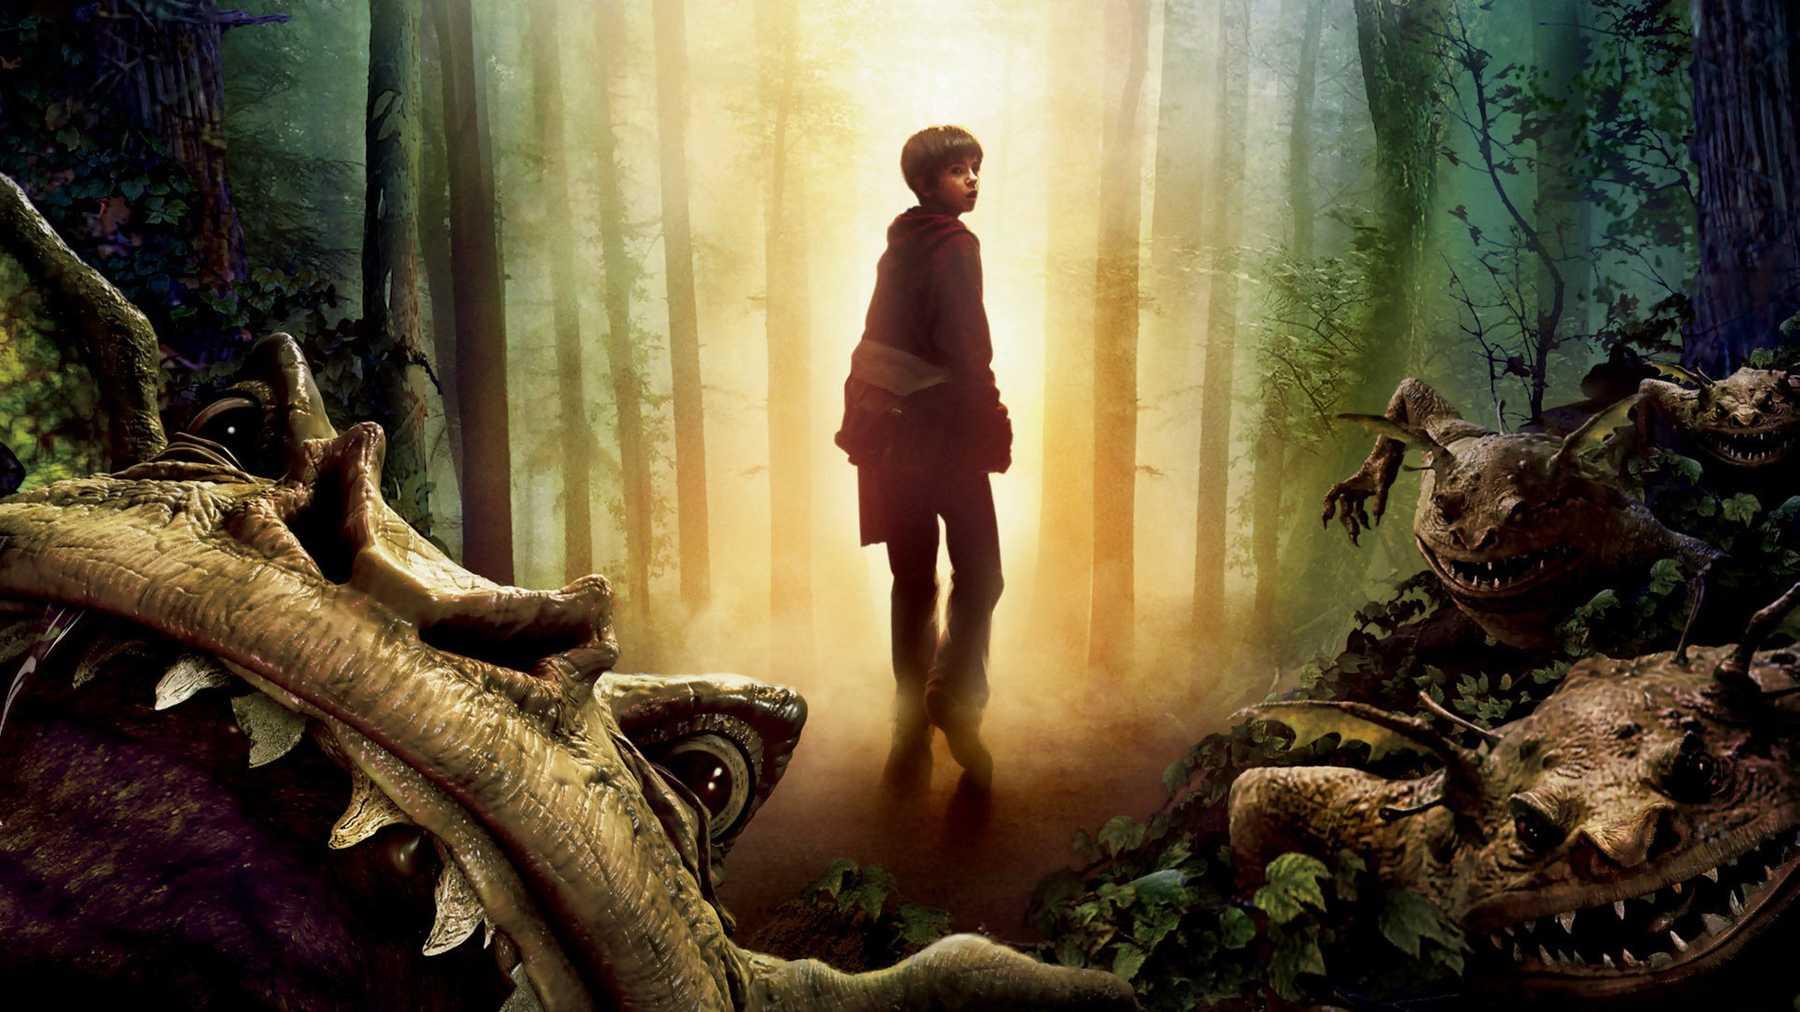 the-spiderwick-chronicles-movie